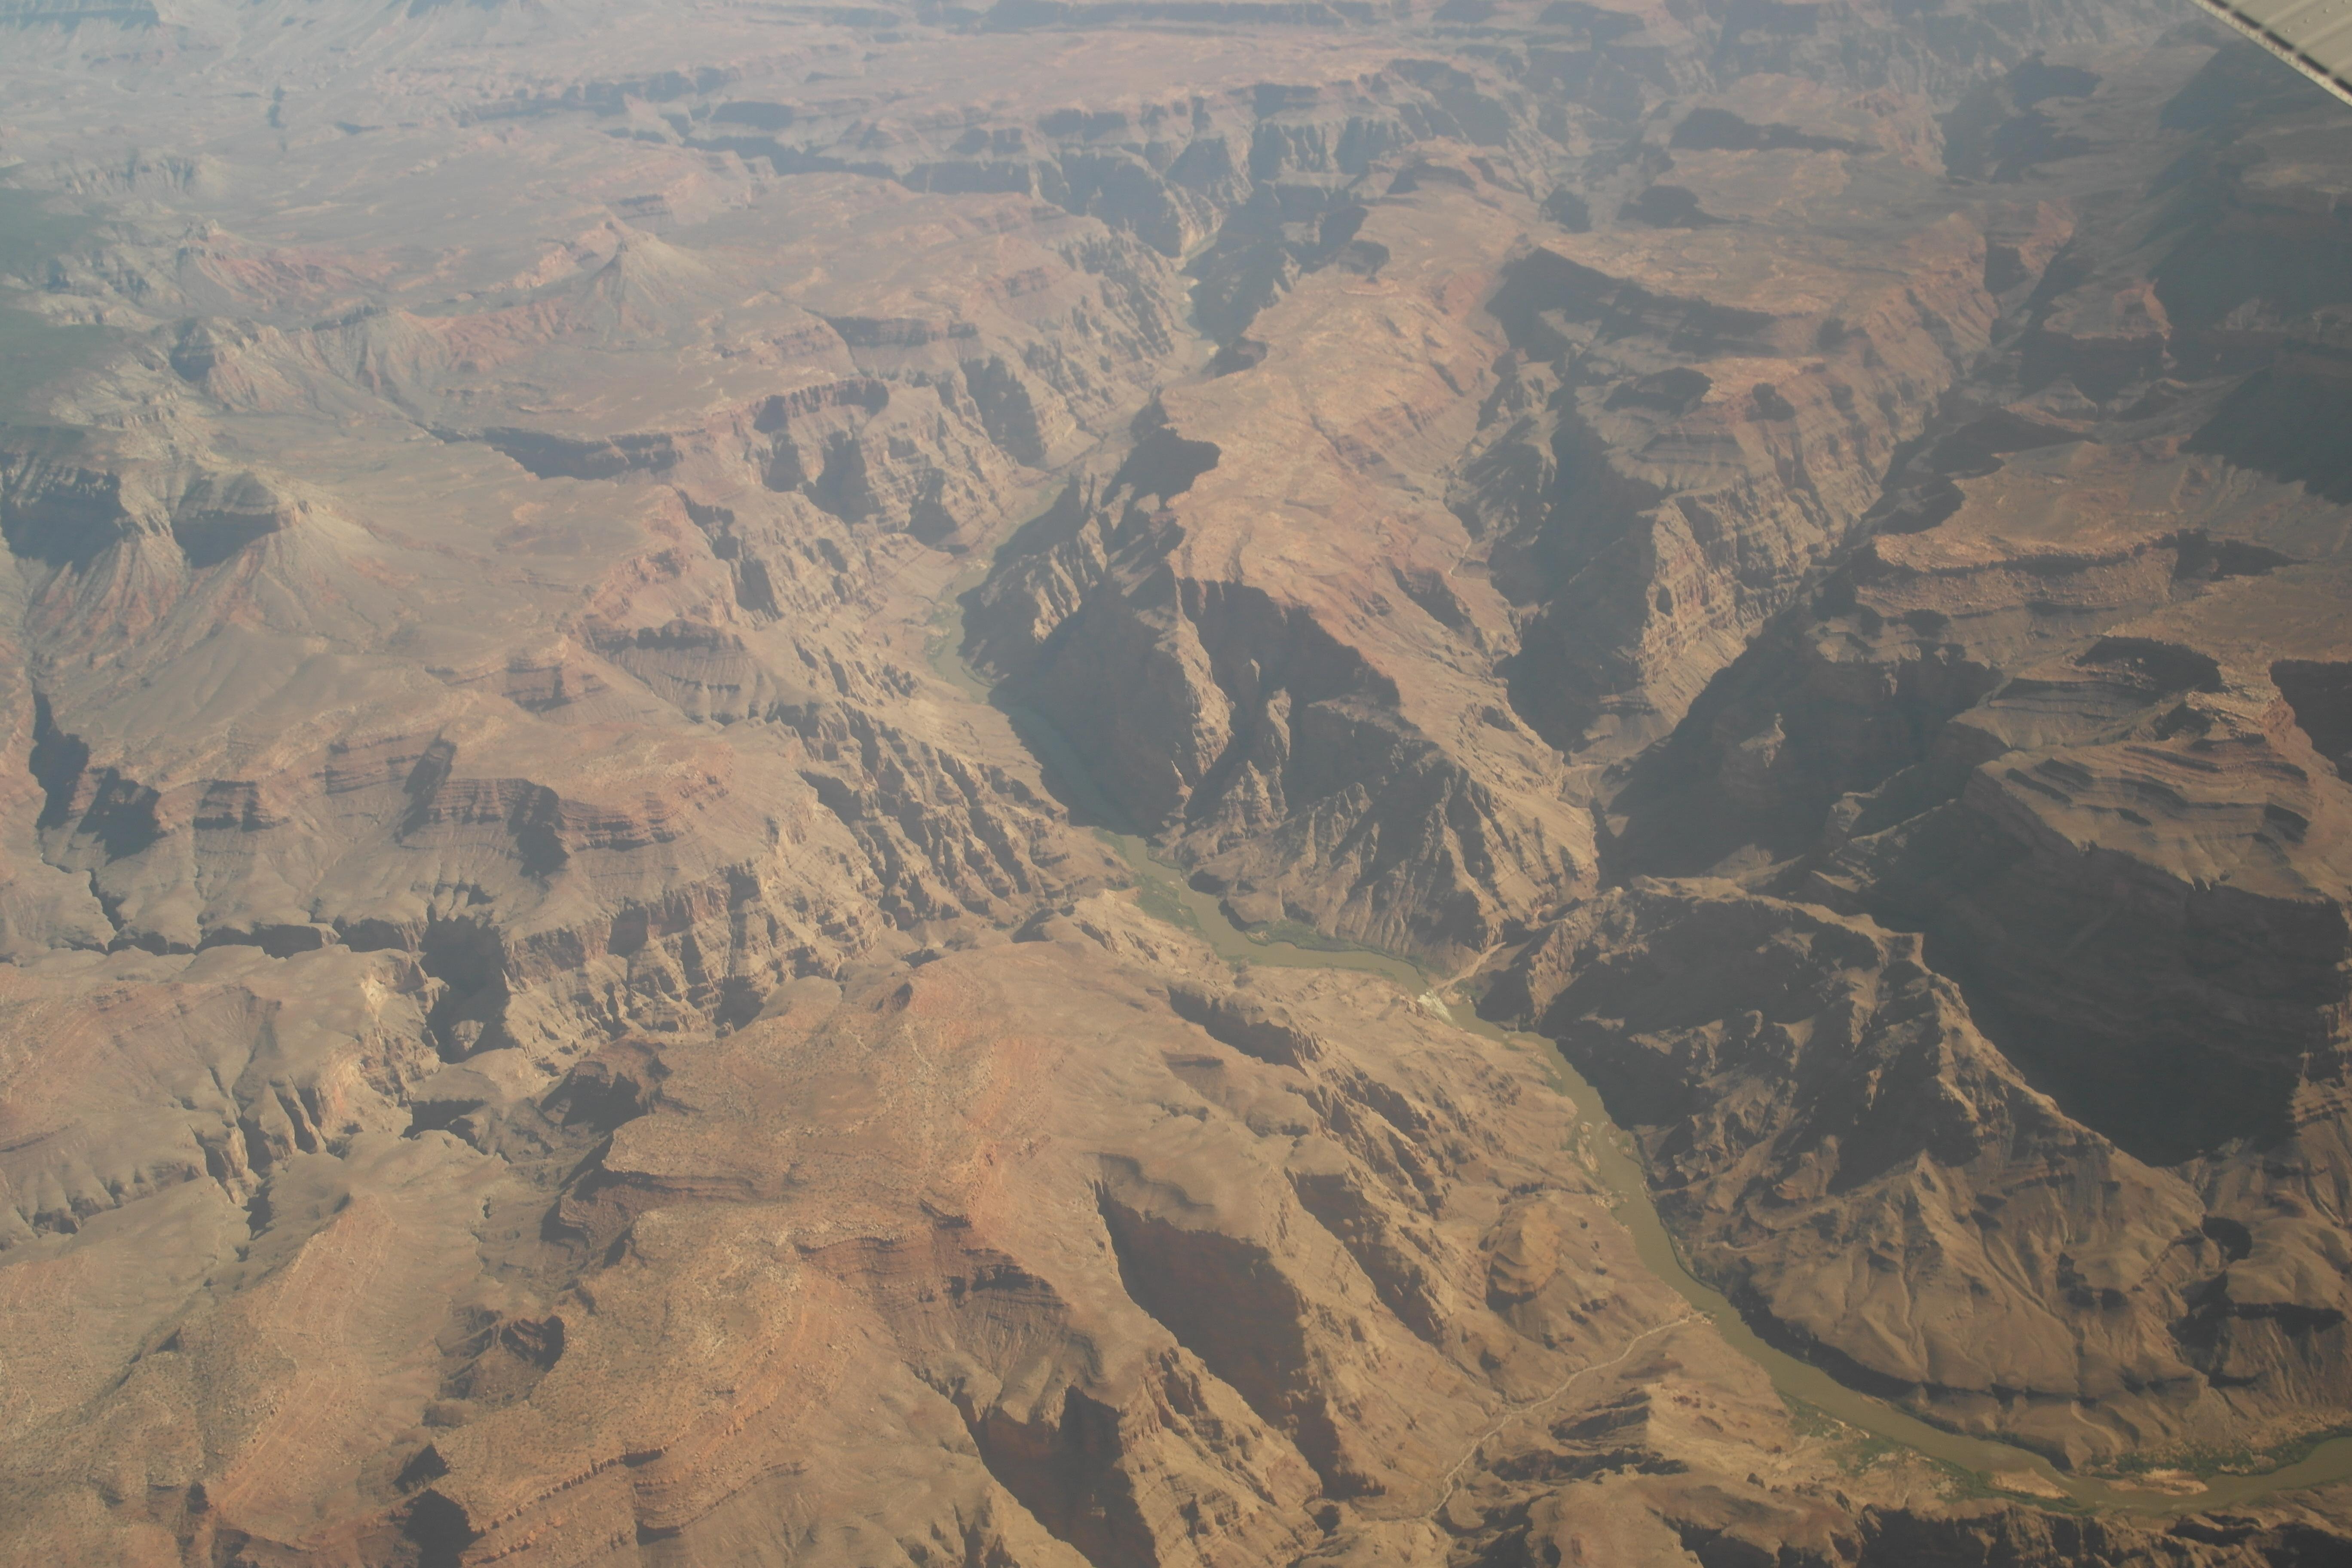 从万米高度俯视这些蛇行峡谷,也是非常触目惊心,在地势较低处,峡谷较